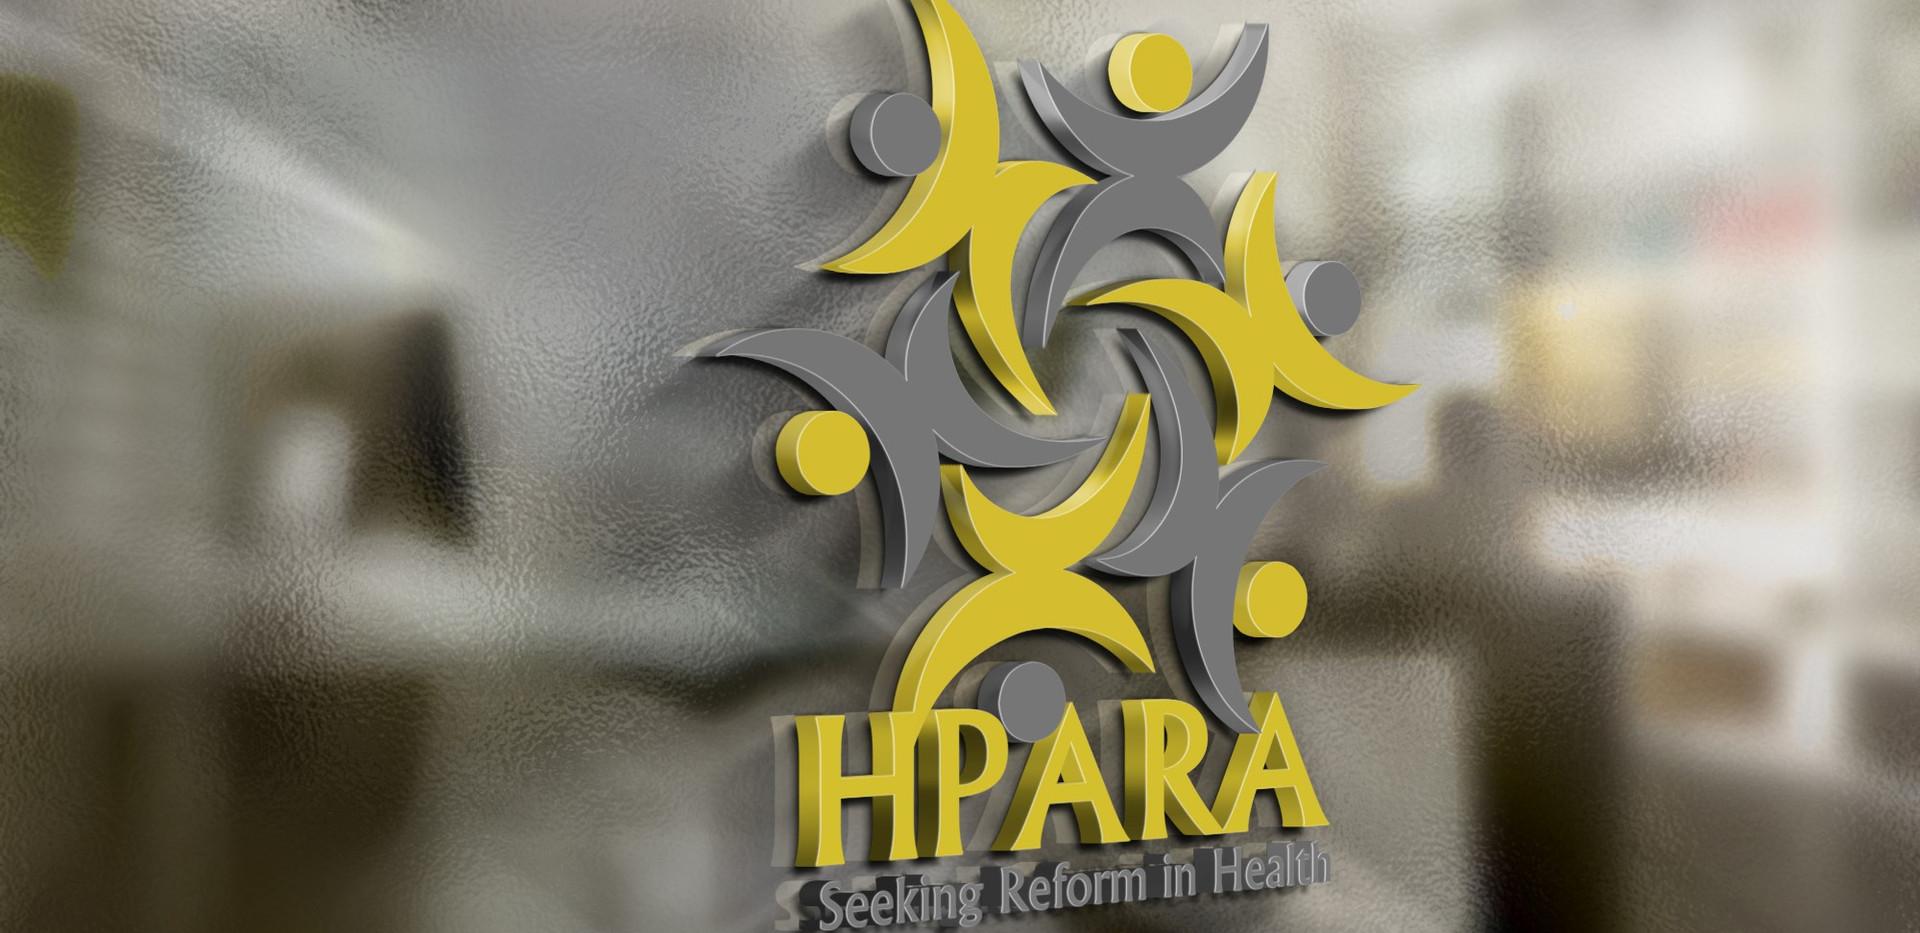 HPARA mist.jpg